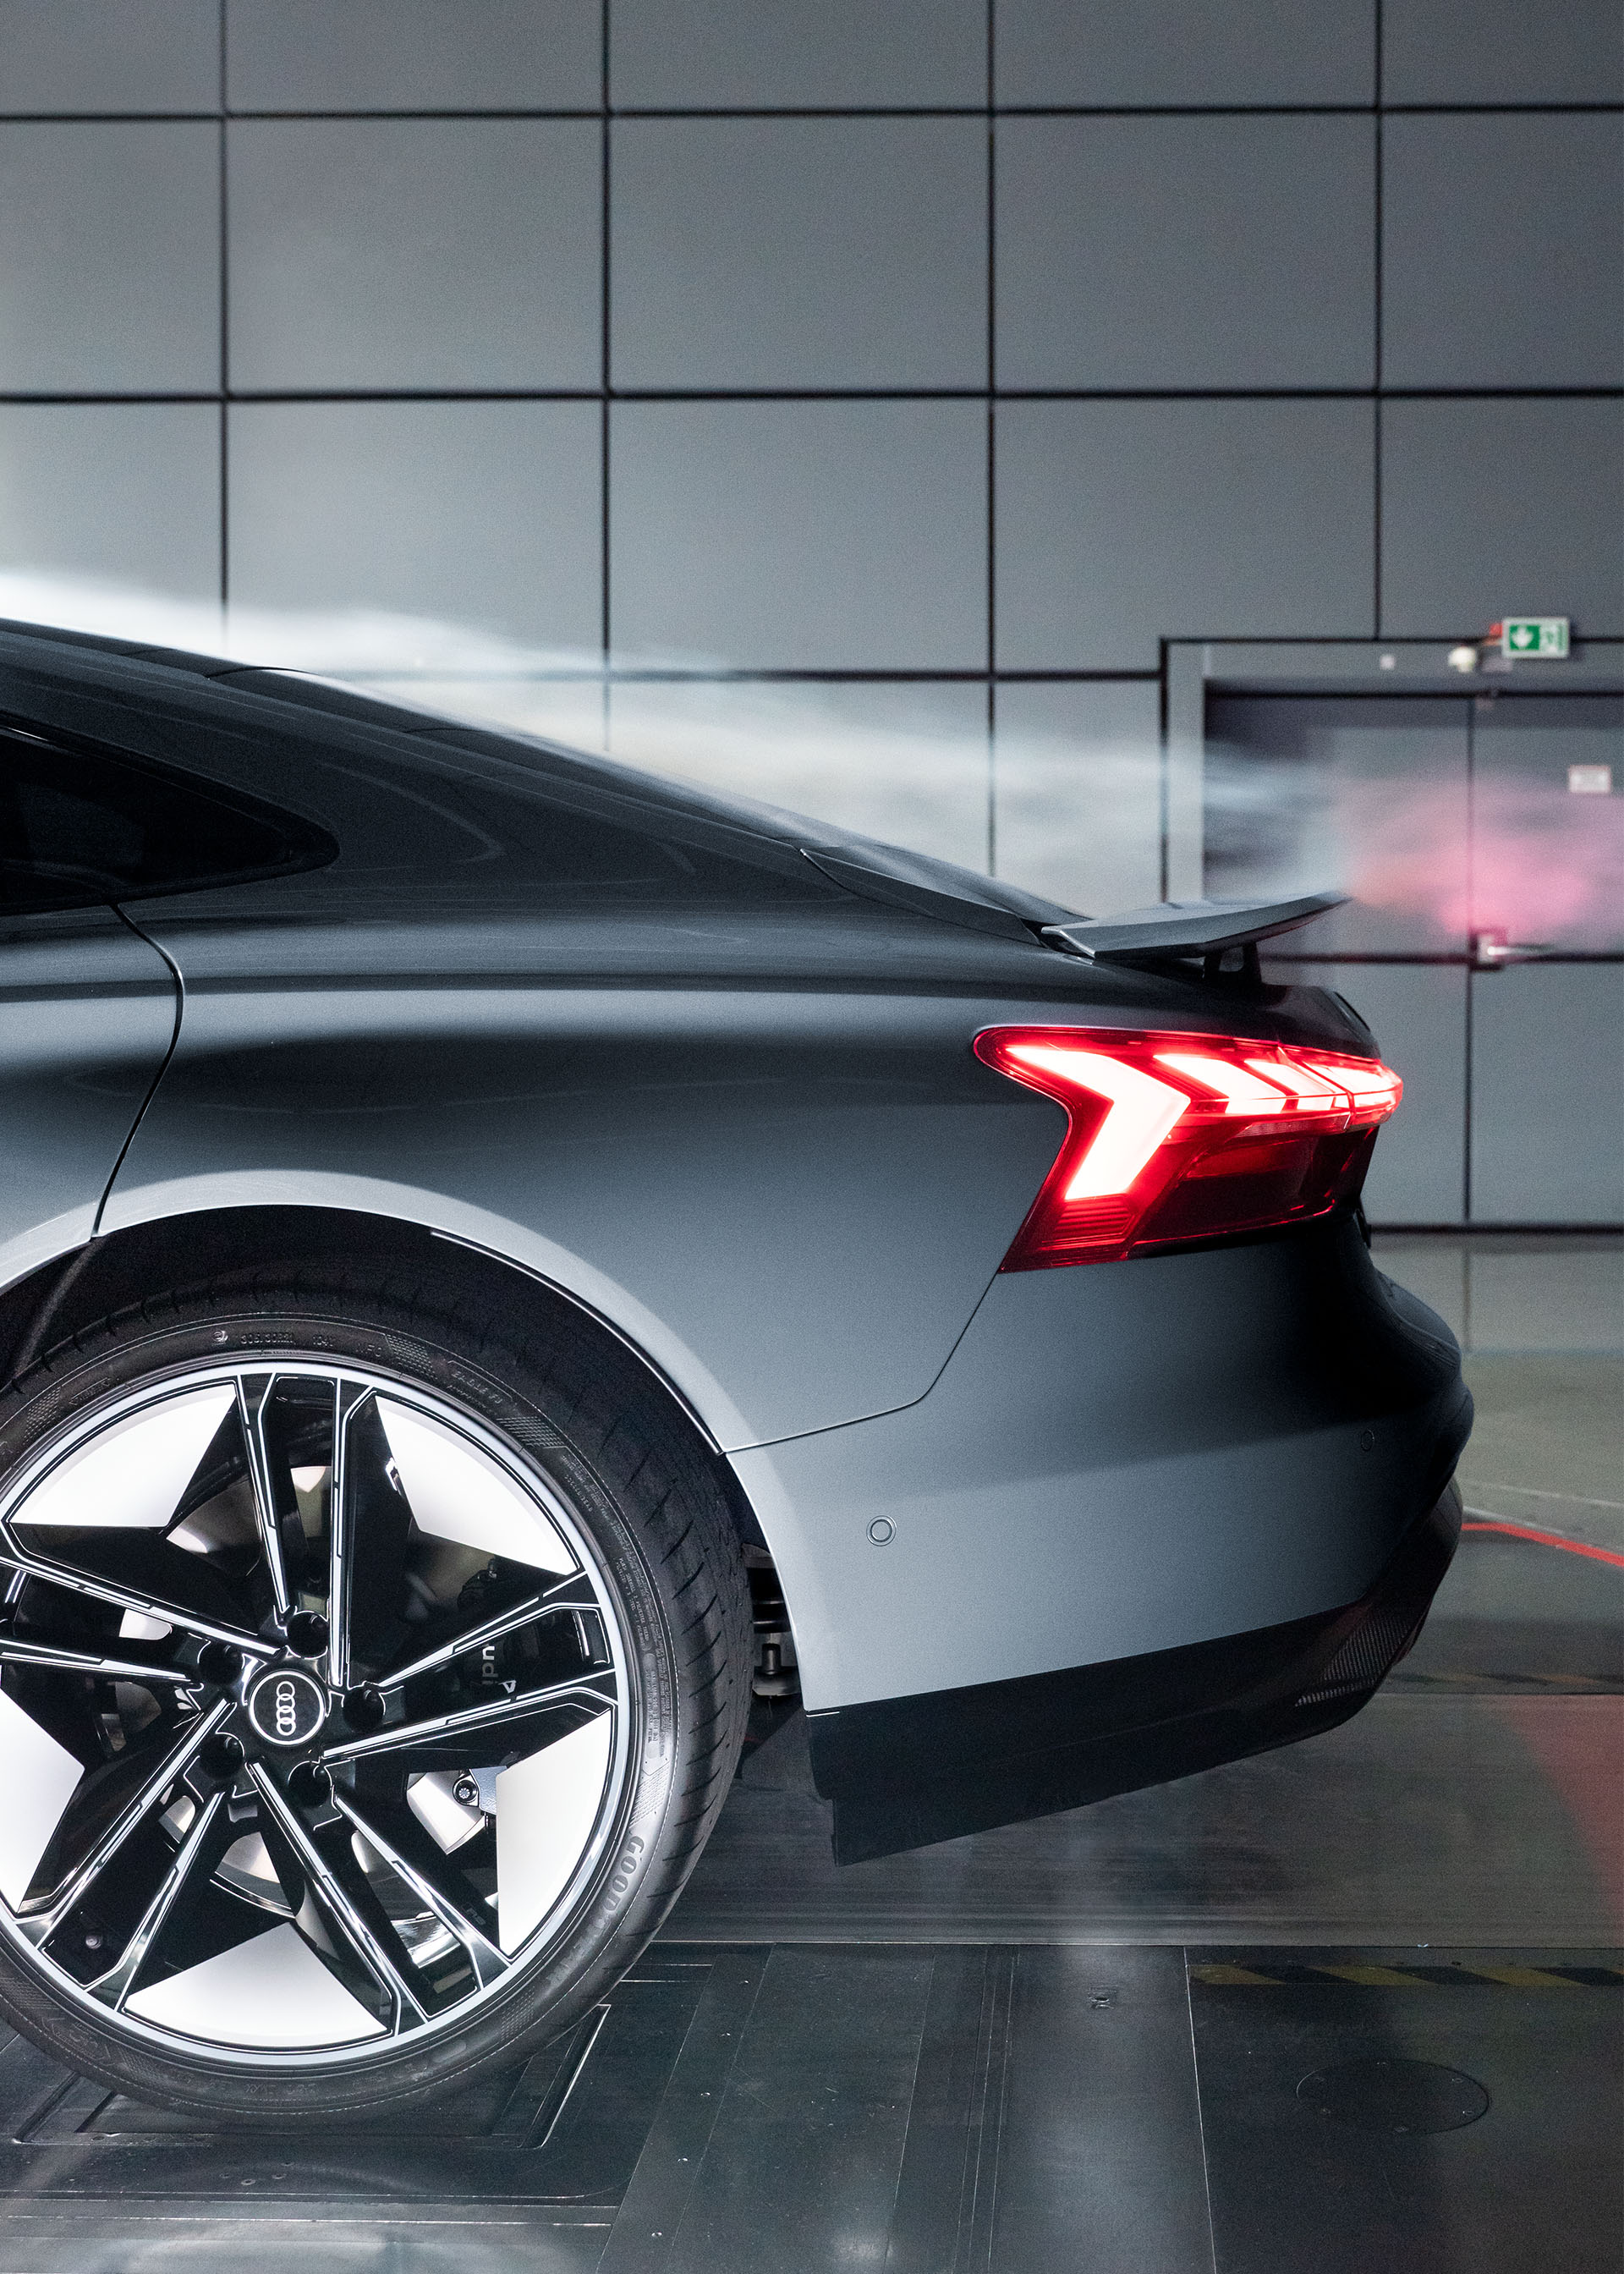 Zadnji spojler modela Audi RS e-tron GT lahko zavzame tri različne položaje in tako zagotovi učinkovit pretok zraka v vseh voznih pogojih